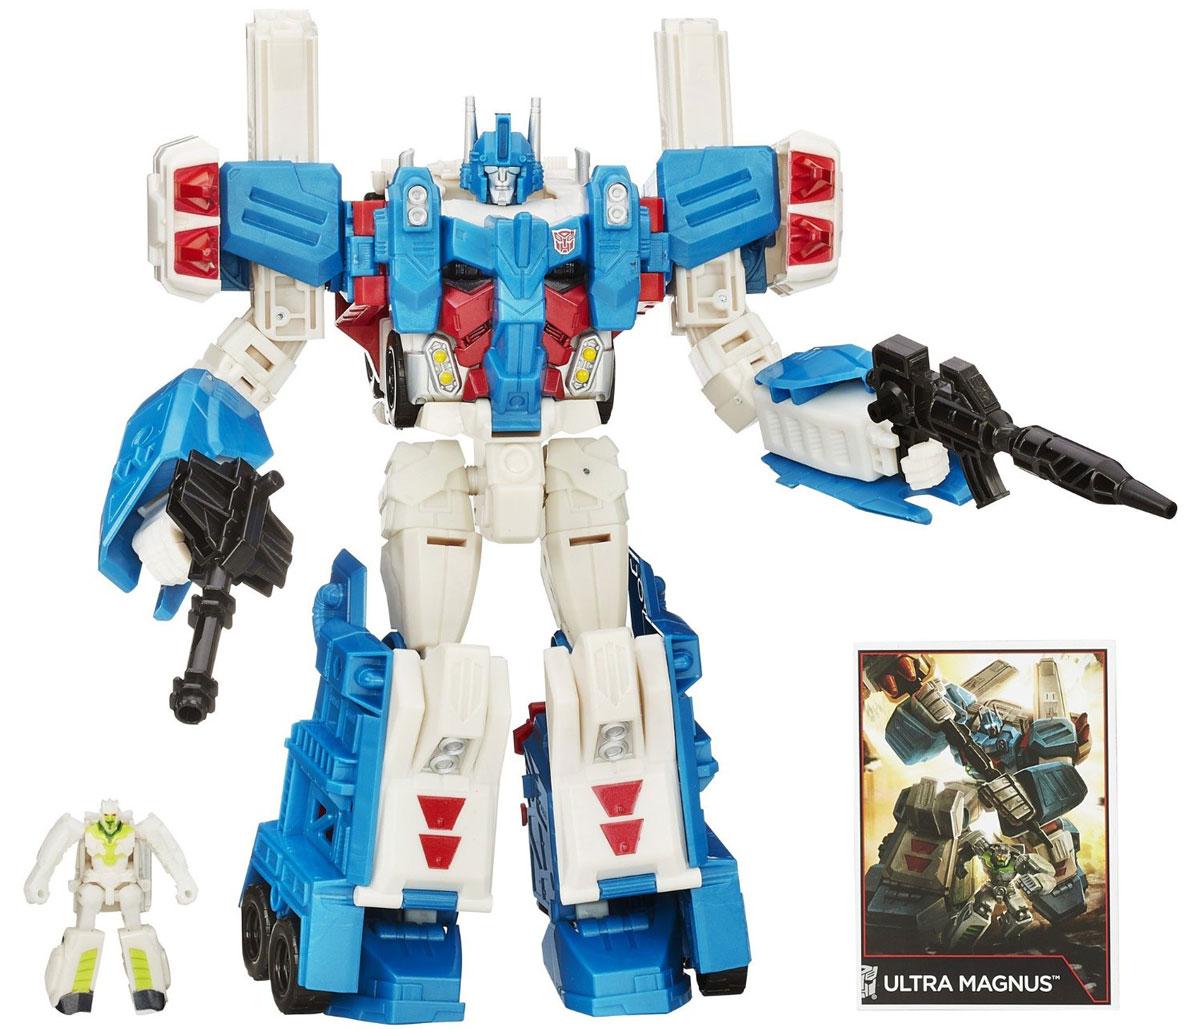 Transformers Трансформеры Дженерэйшнс Комбайнер Ворс ЛидерB0972EU4Игрушка-трансформер Дженерэйшнс Комбайнер Ворс Лидер привлечет внимание не только ребенка, но и взрослого. Игрушка изготовлена из прочного пластика белого синего и красного цвета. Трансформер имеет две вариации: первая - грозный робот, вторая - грузовая машина. Превратить робота в модель машины не составит труда, достаточно лишь проявить конструкторскую смекалку. Вместе с большим трансформером в наборе имеется оружие, карточки и маленькая фигурка трансформера, что позволит значительно разнообразить игры вашего ребенка. В наборе имеется инструкция. Этот яркий трансформер станет любимой игрушкой вашего ребенка. Порадуйте его таким замечательным подарком!